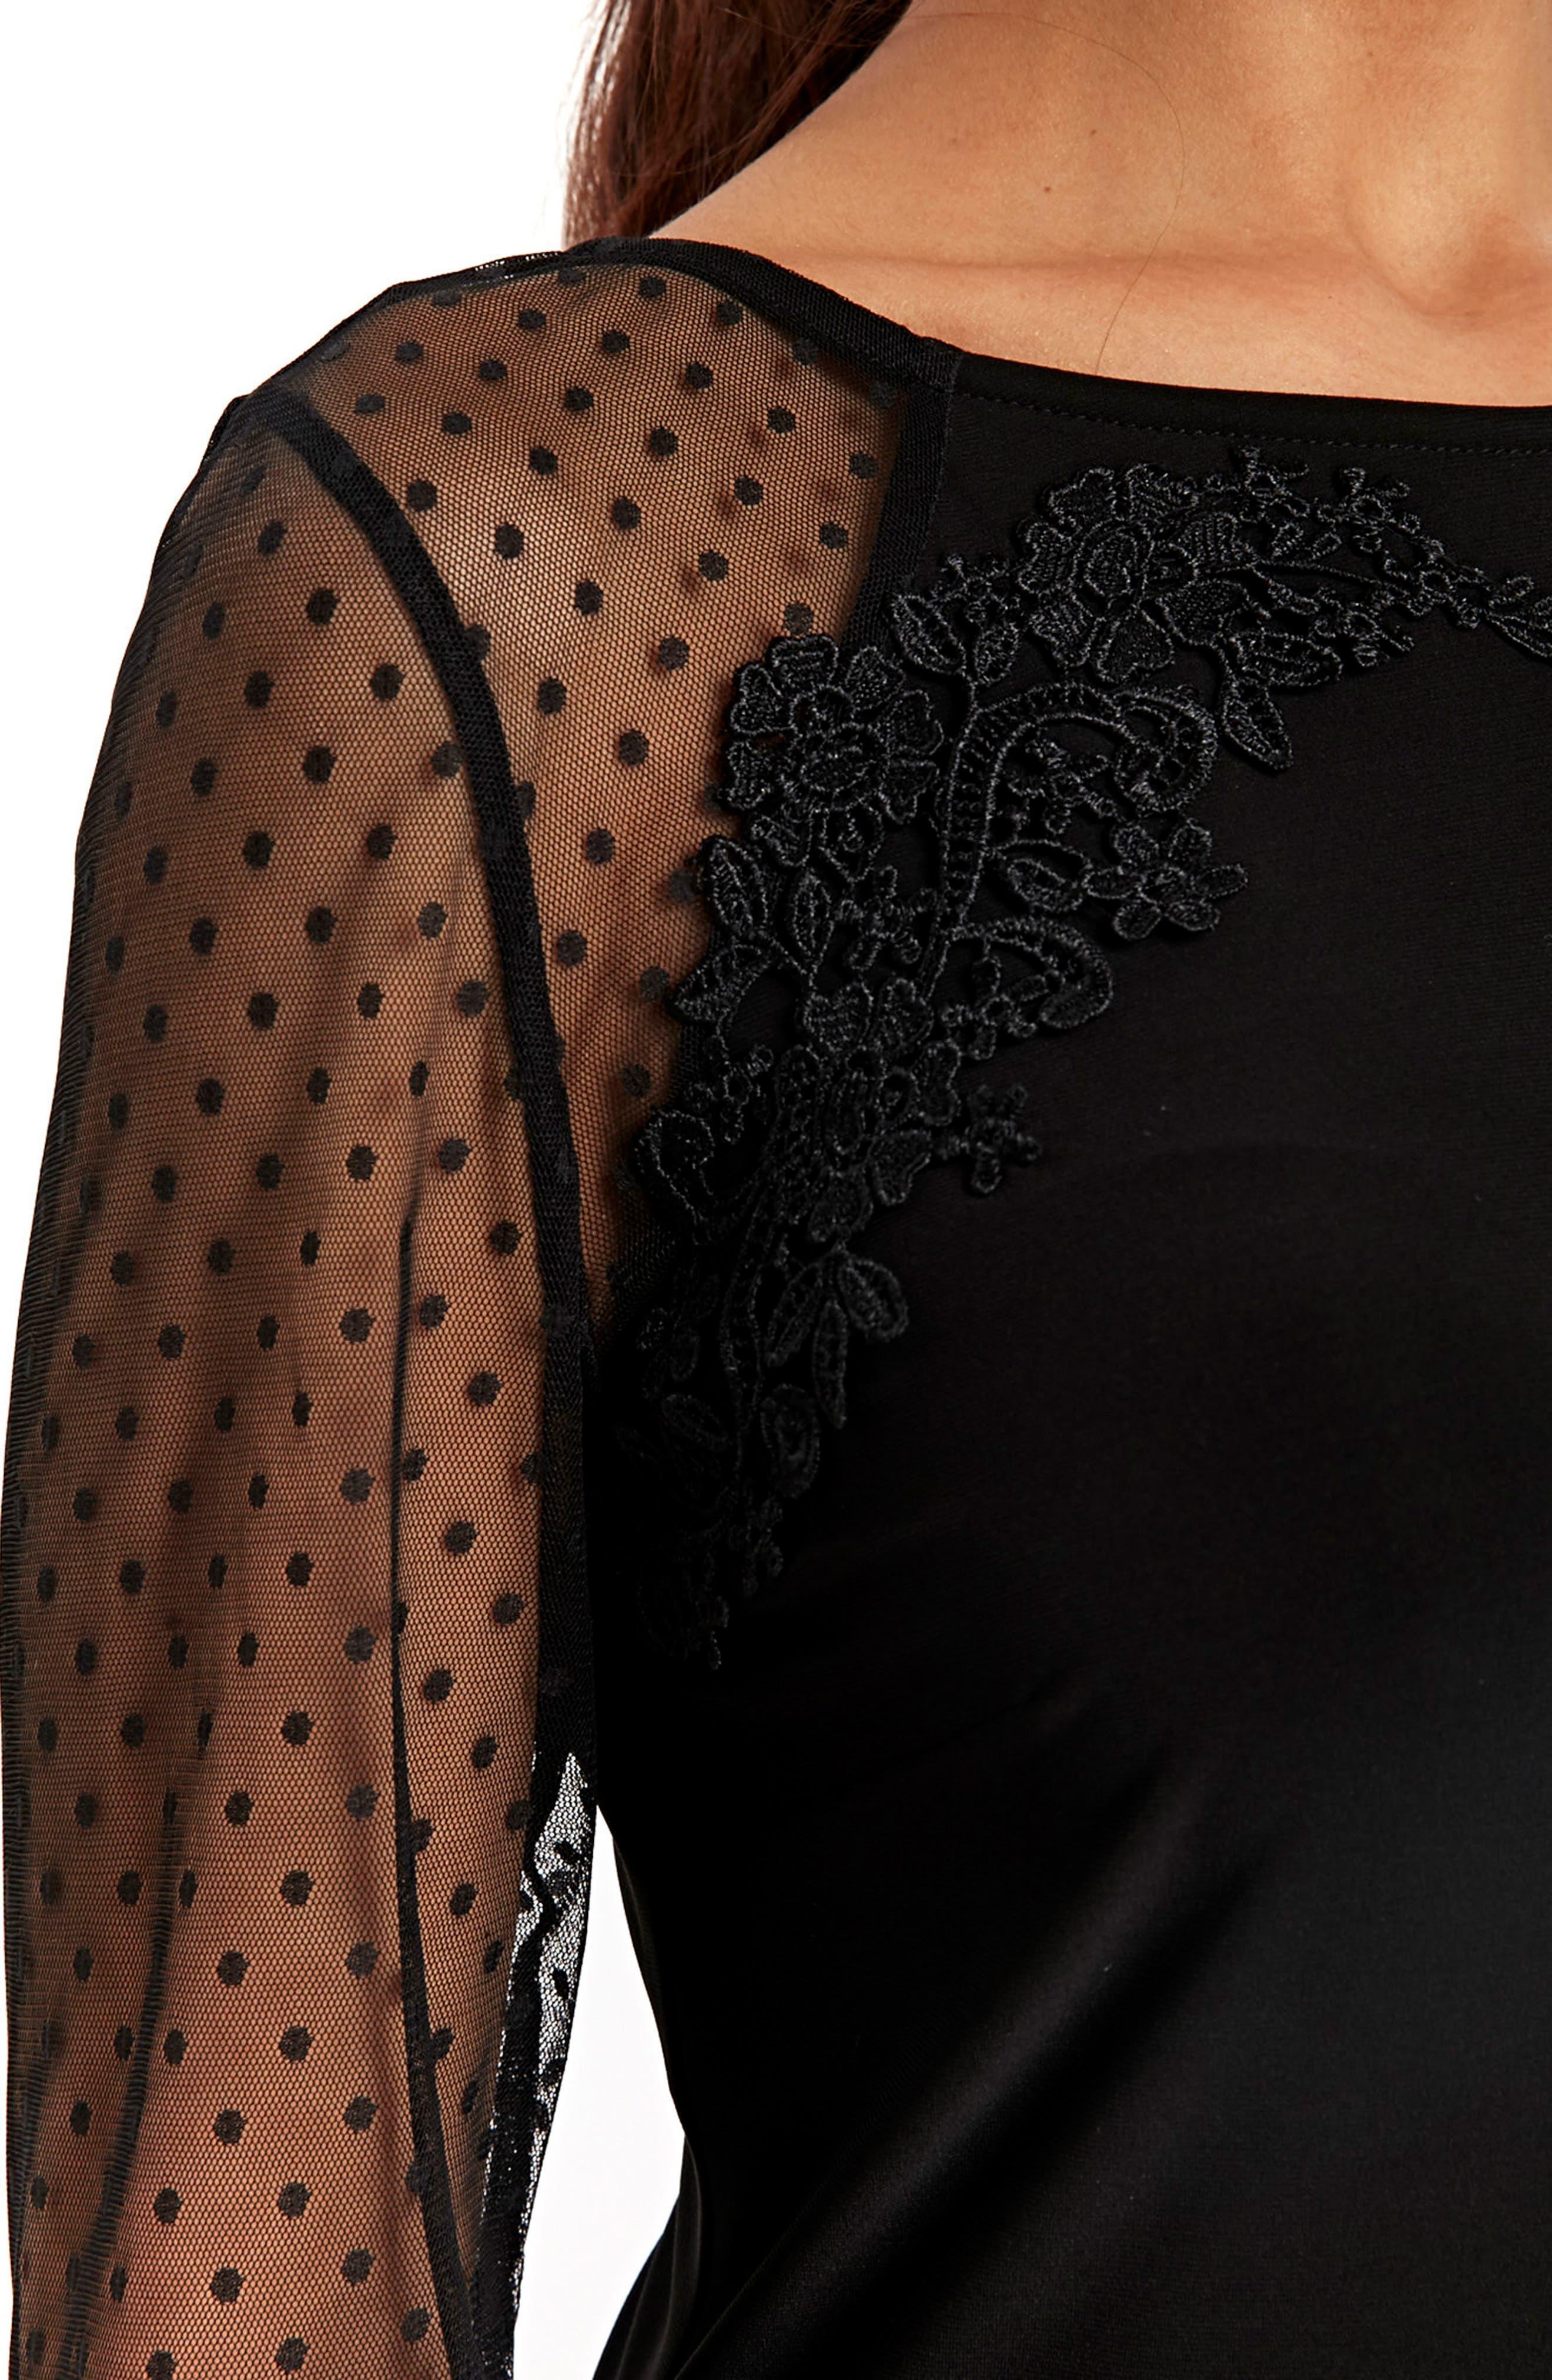 Dot Mesh Sleeve Sheath Dress,                             Alternate thumbnail 3, color,                             Black